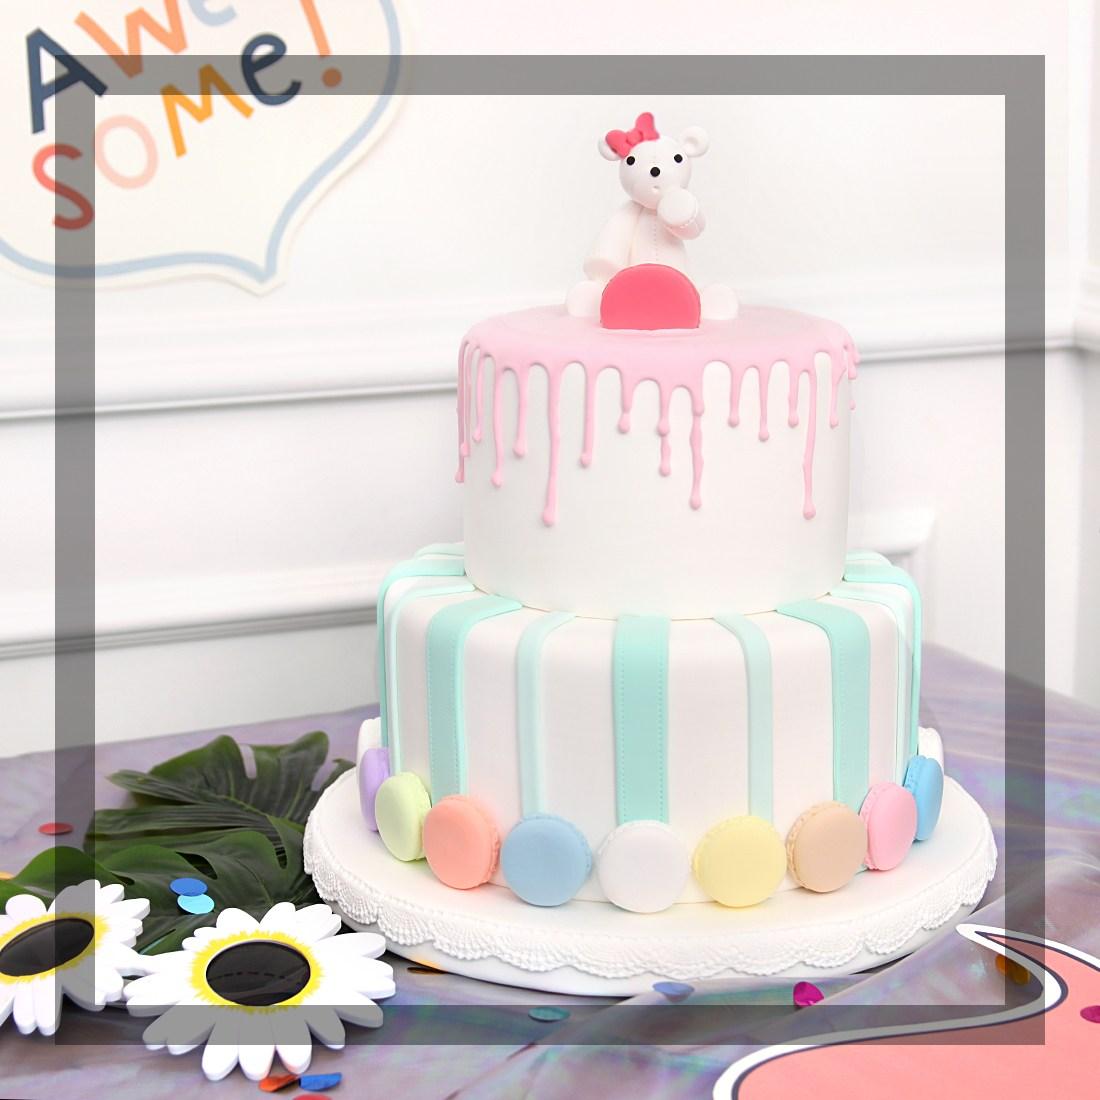 마카롱 모형케이크 클레이 어린이집생일케이크, P1클레이케익(마카롱)